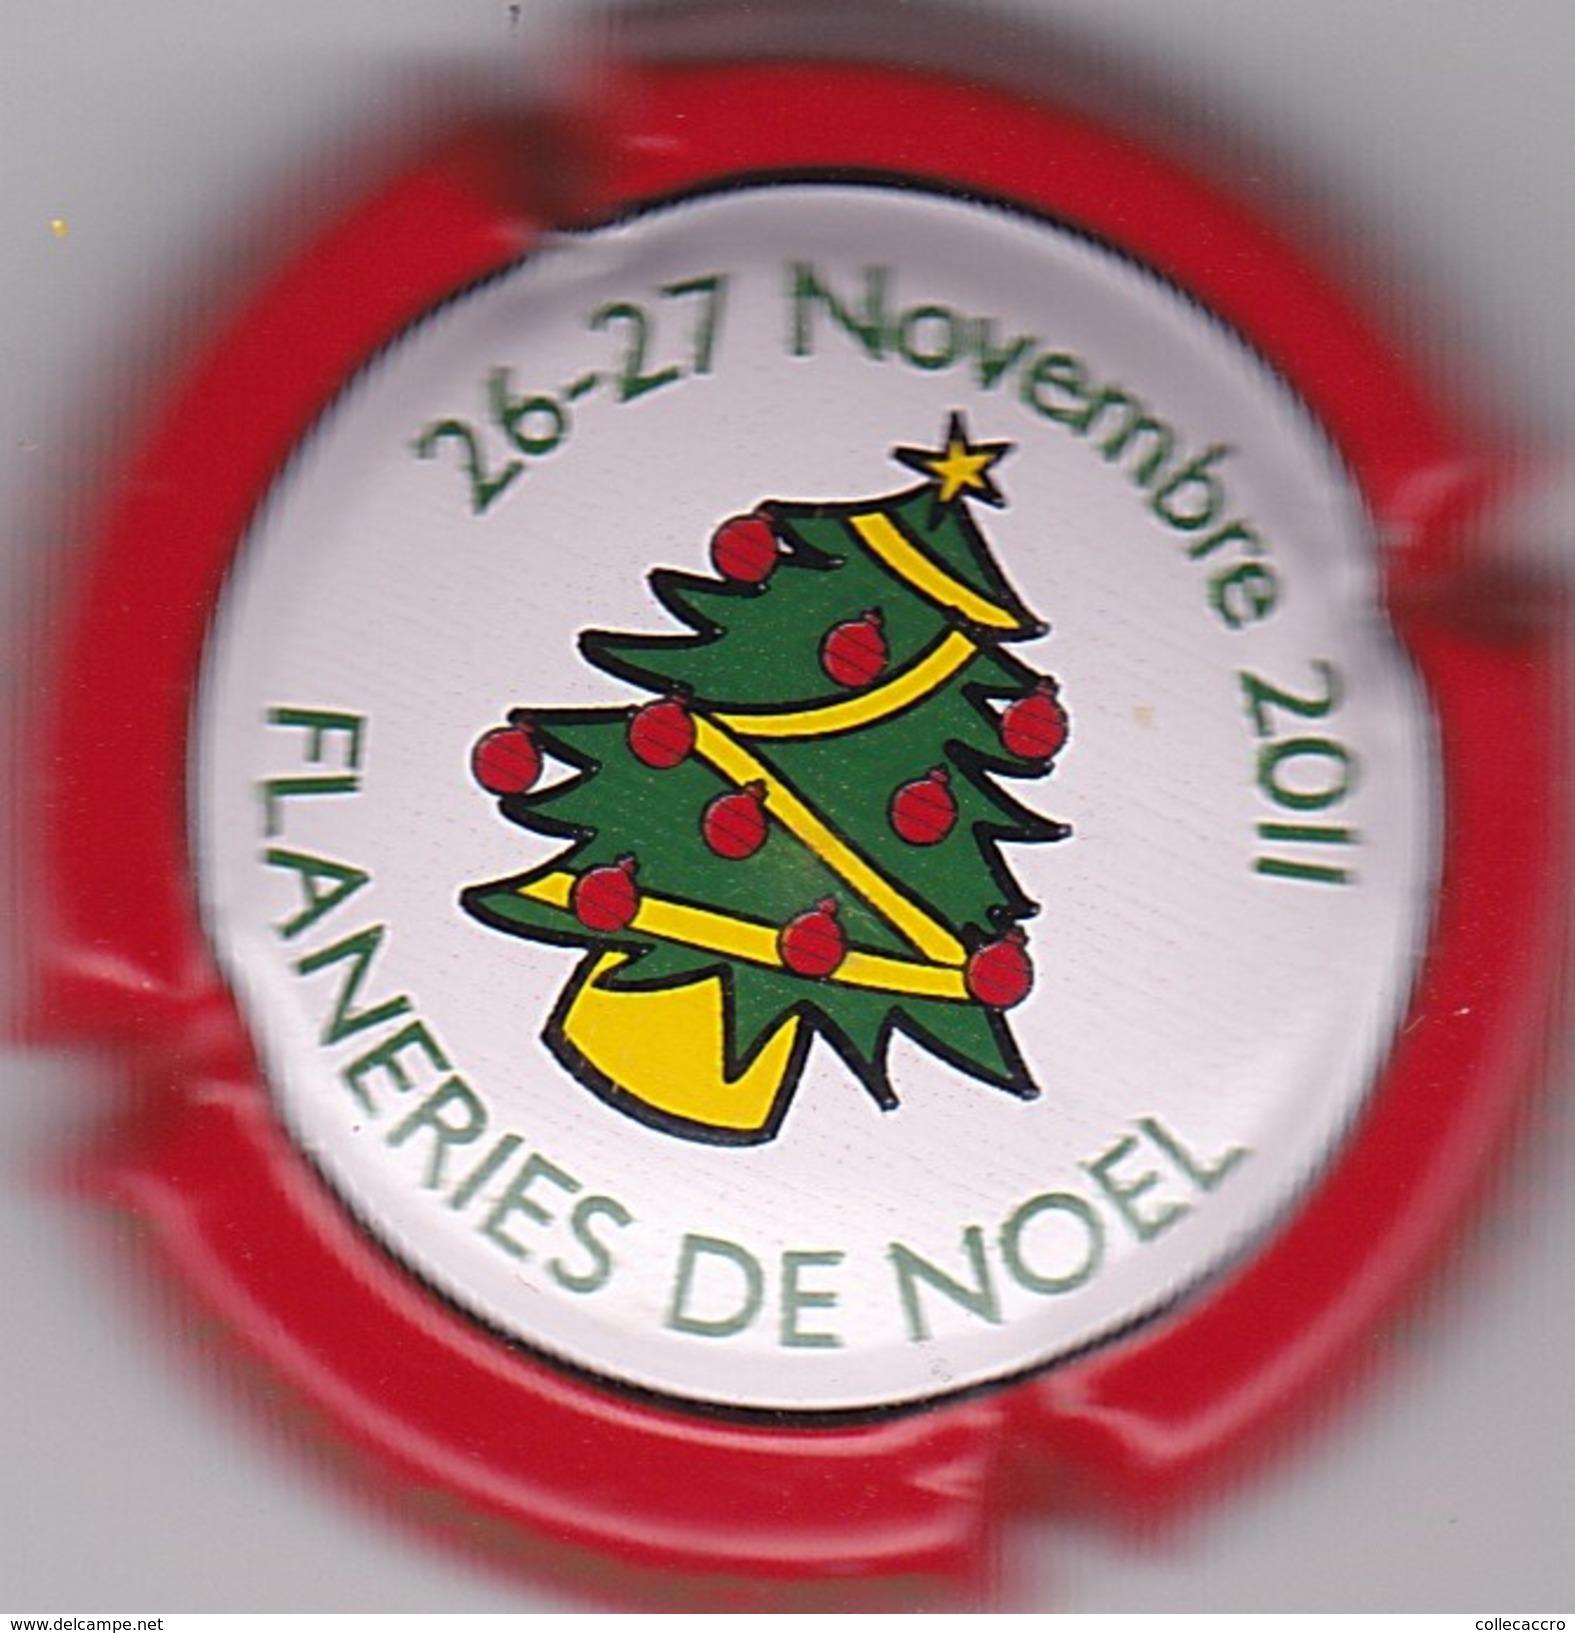 PRINCIER ACHILLE N° NOUVELLE FLANERIES DE NOEL 2011 - Champagne